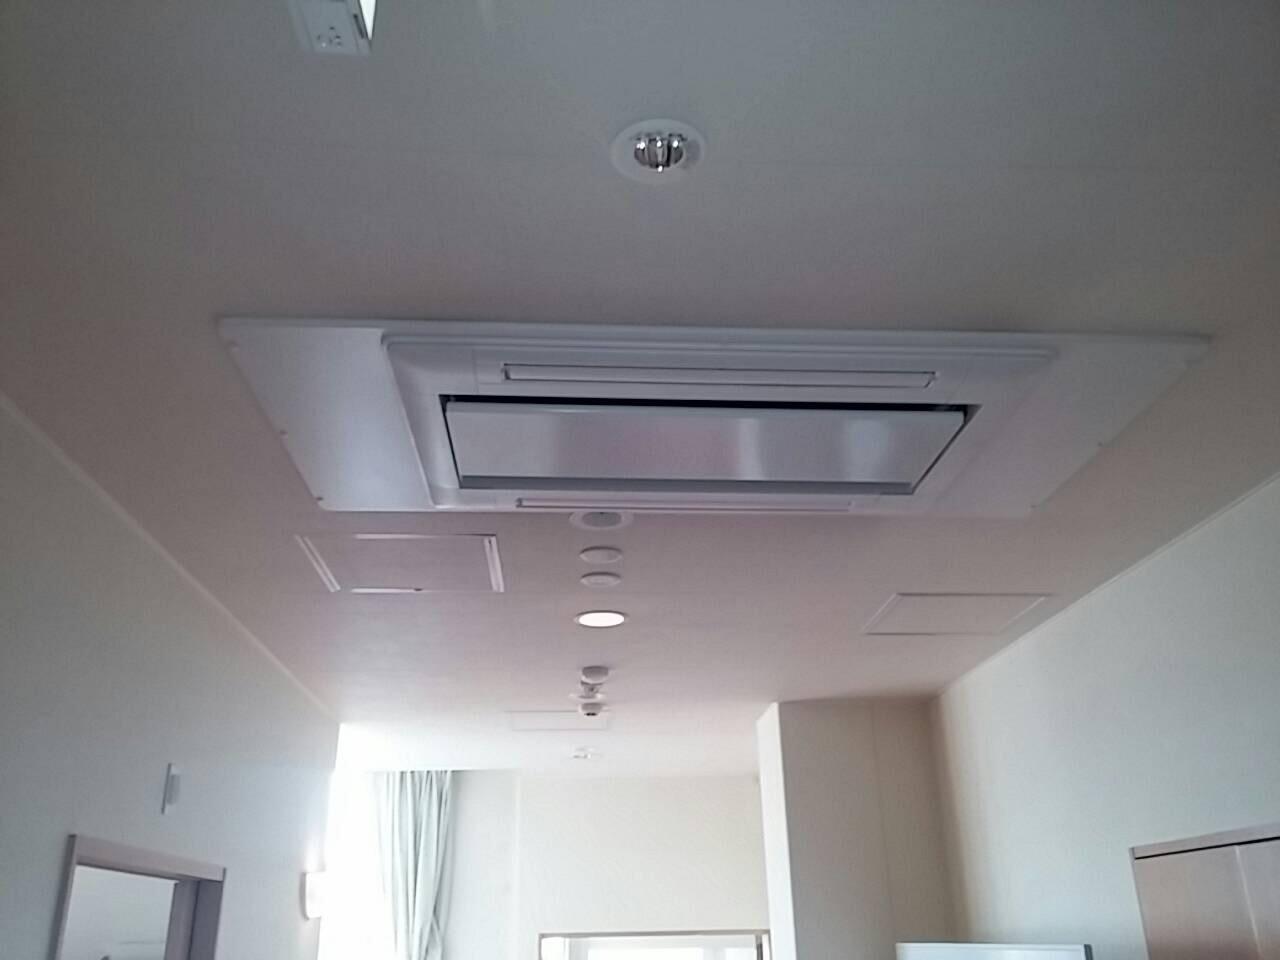 三AC菱重工 業務用エアコン修理 修理不可(部品供給なし)リニューアル工事 てんかせ2方向形 施工日2016年7月21日